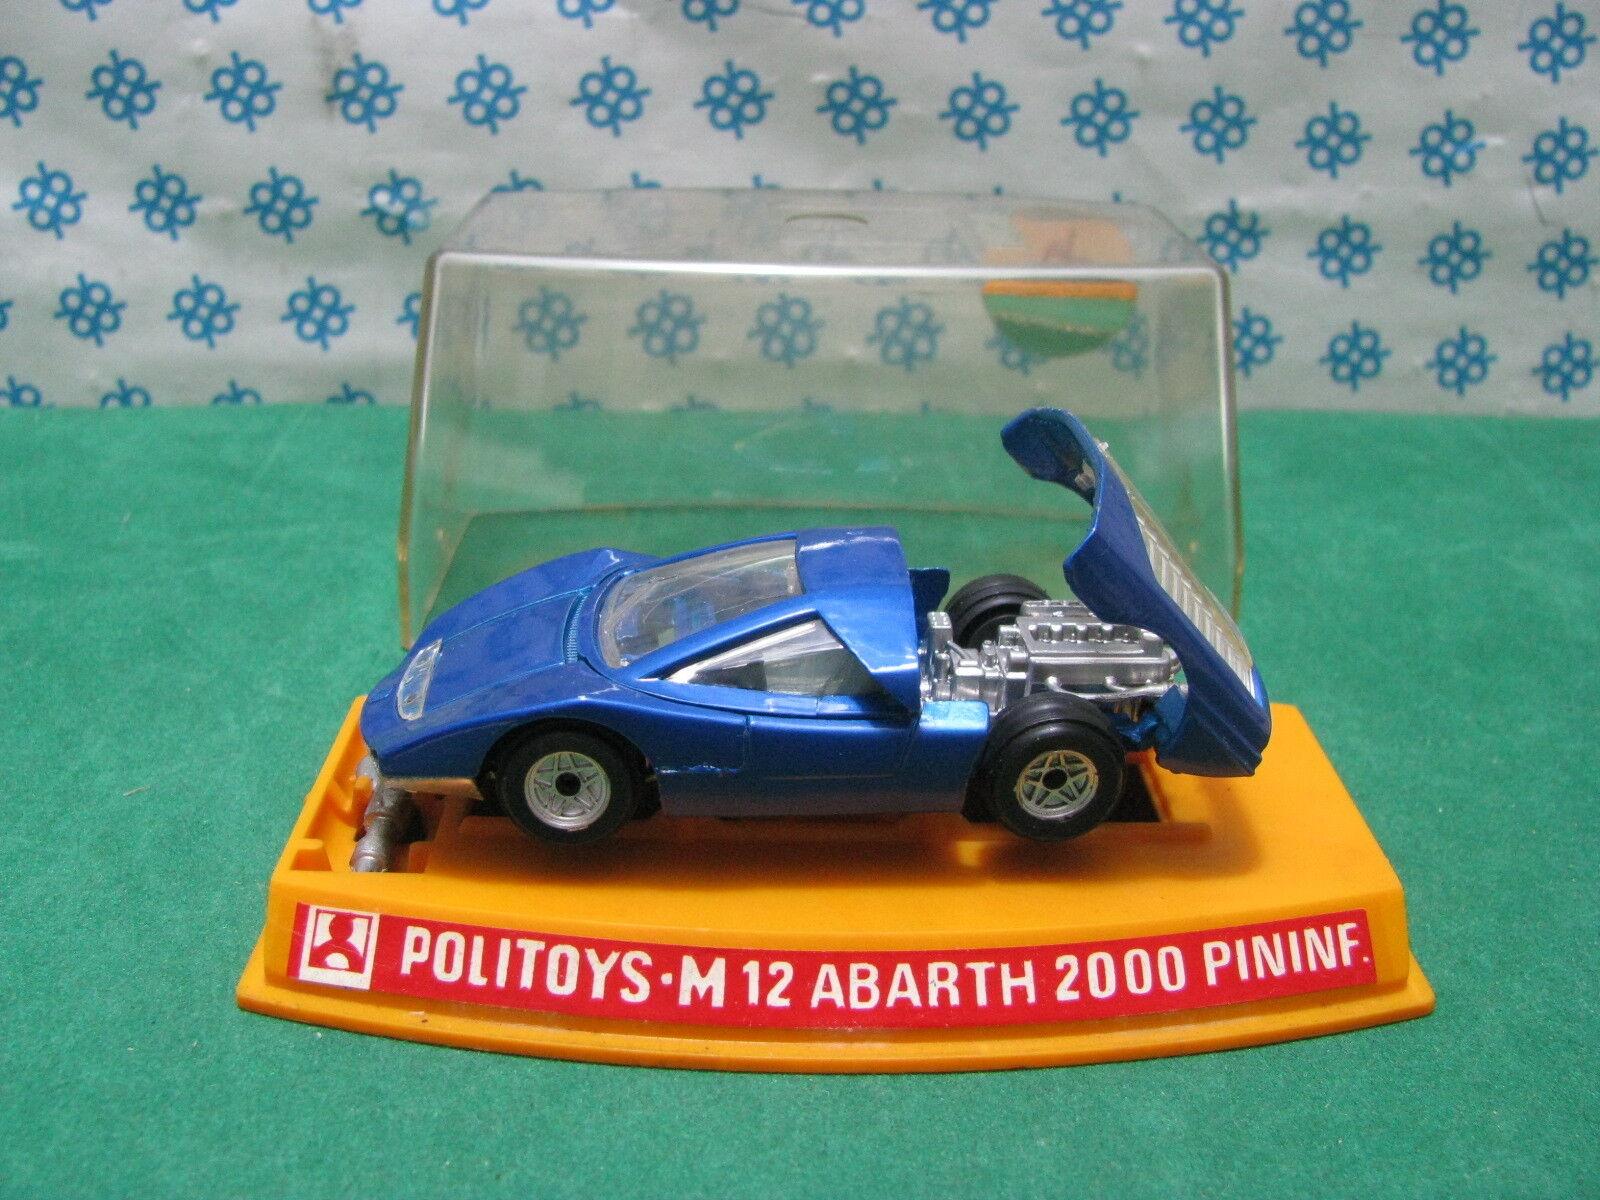 Politoys-M 12-abarth 2000 Pininfarina - 1 43 NEW MINT